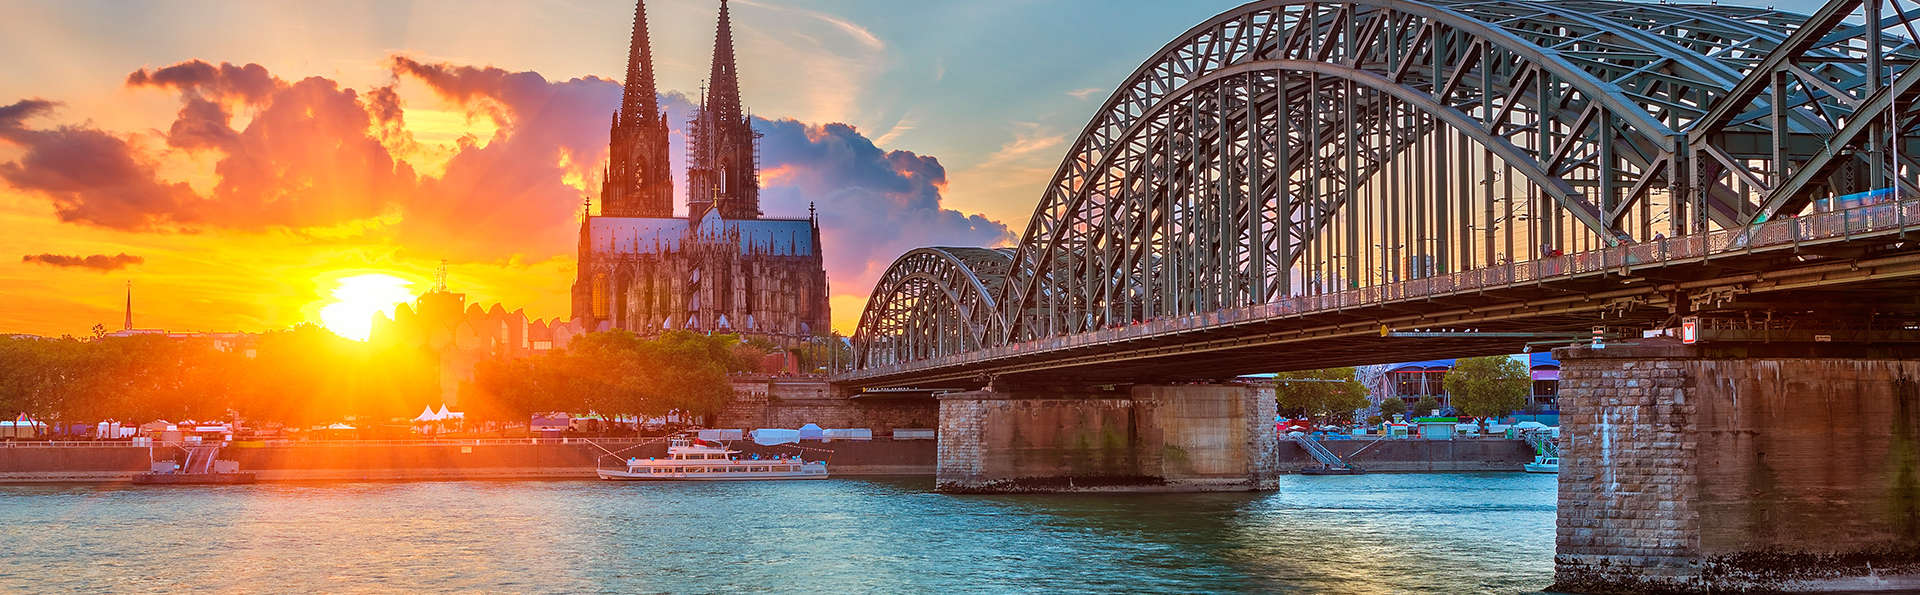 Dorint An der Messe Köln (Cologne / Keulen) - EDIT_destination3.jpg